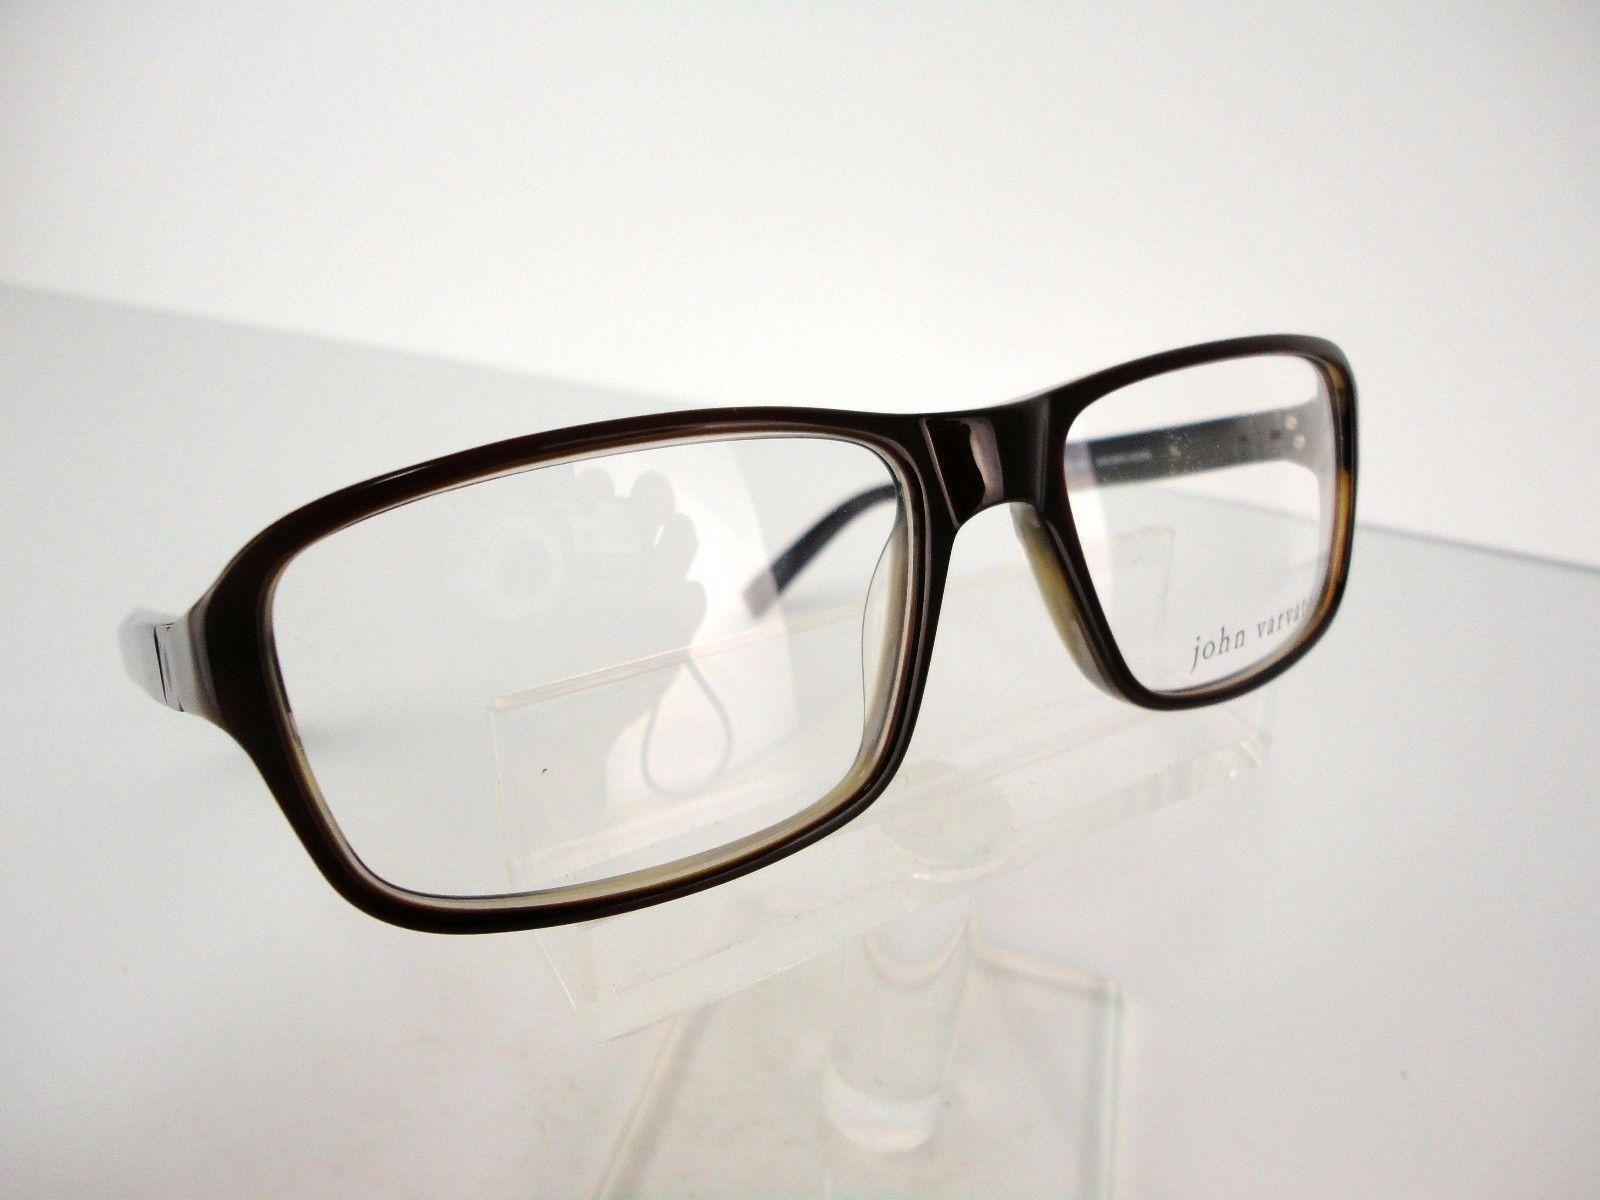 John Varvatos Eyeglass Frame: 10 listings